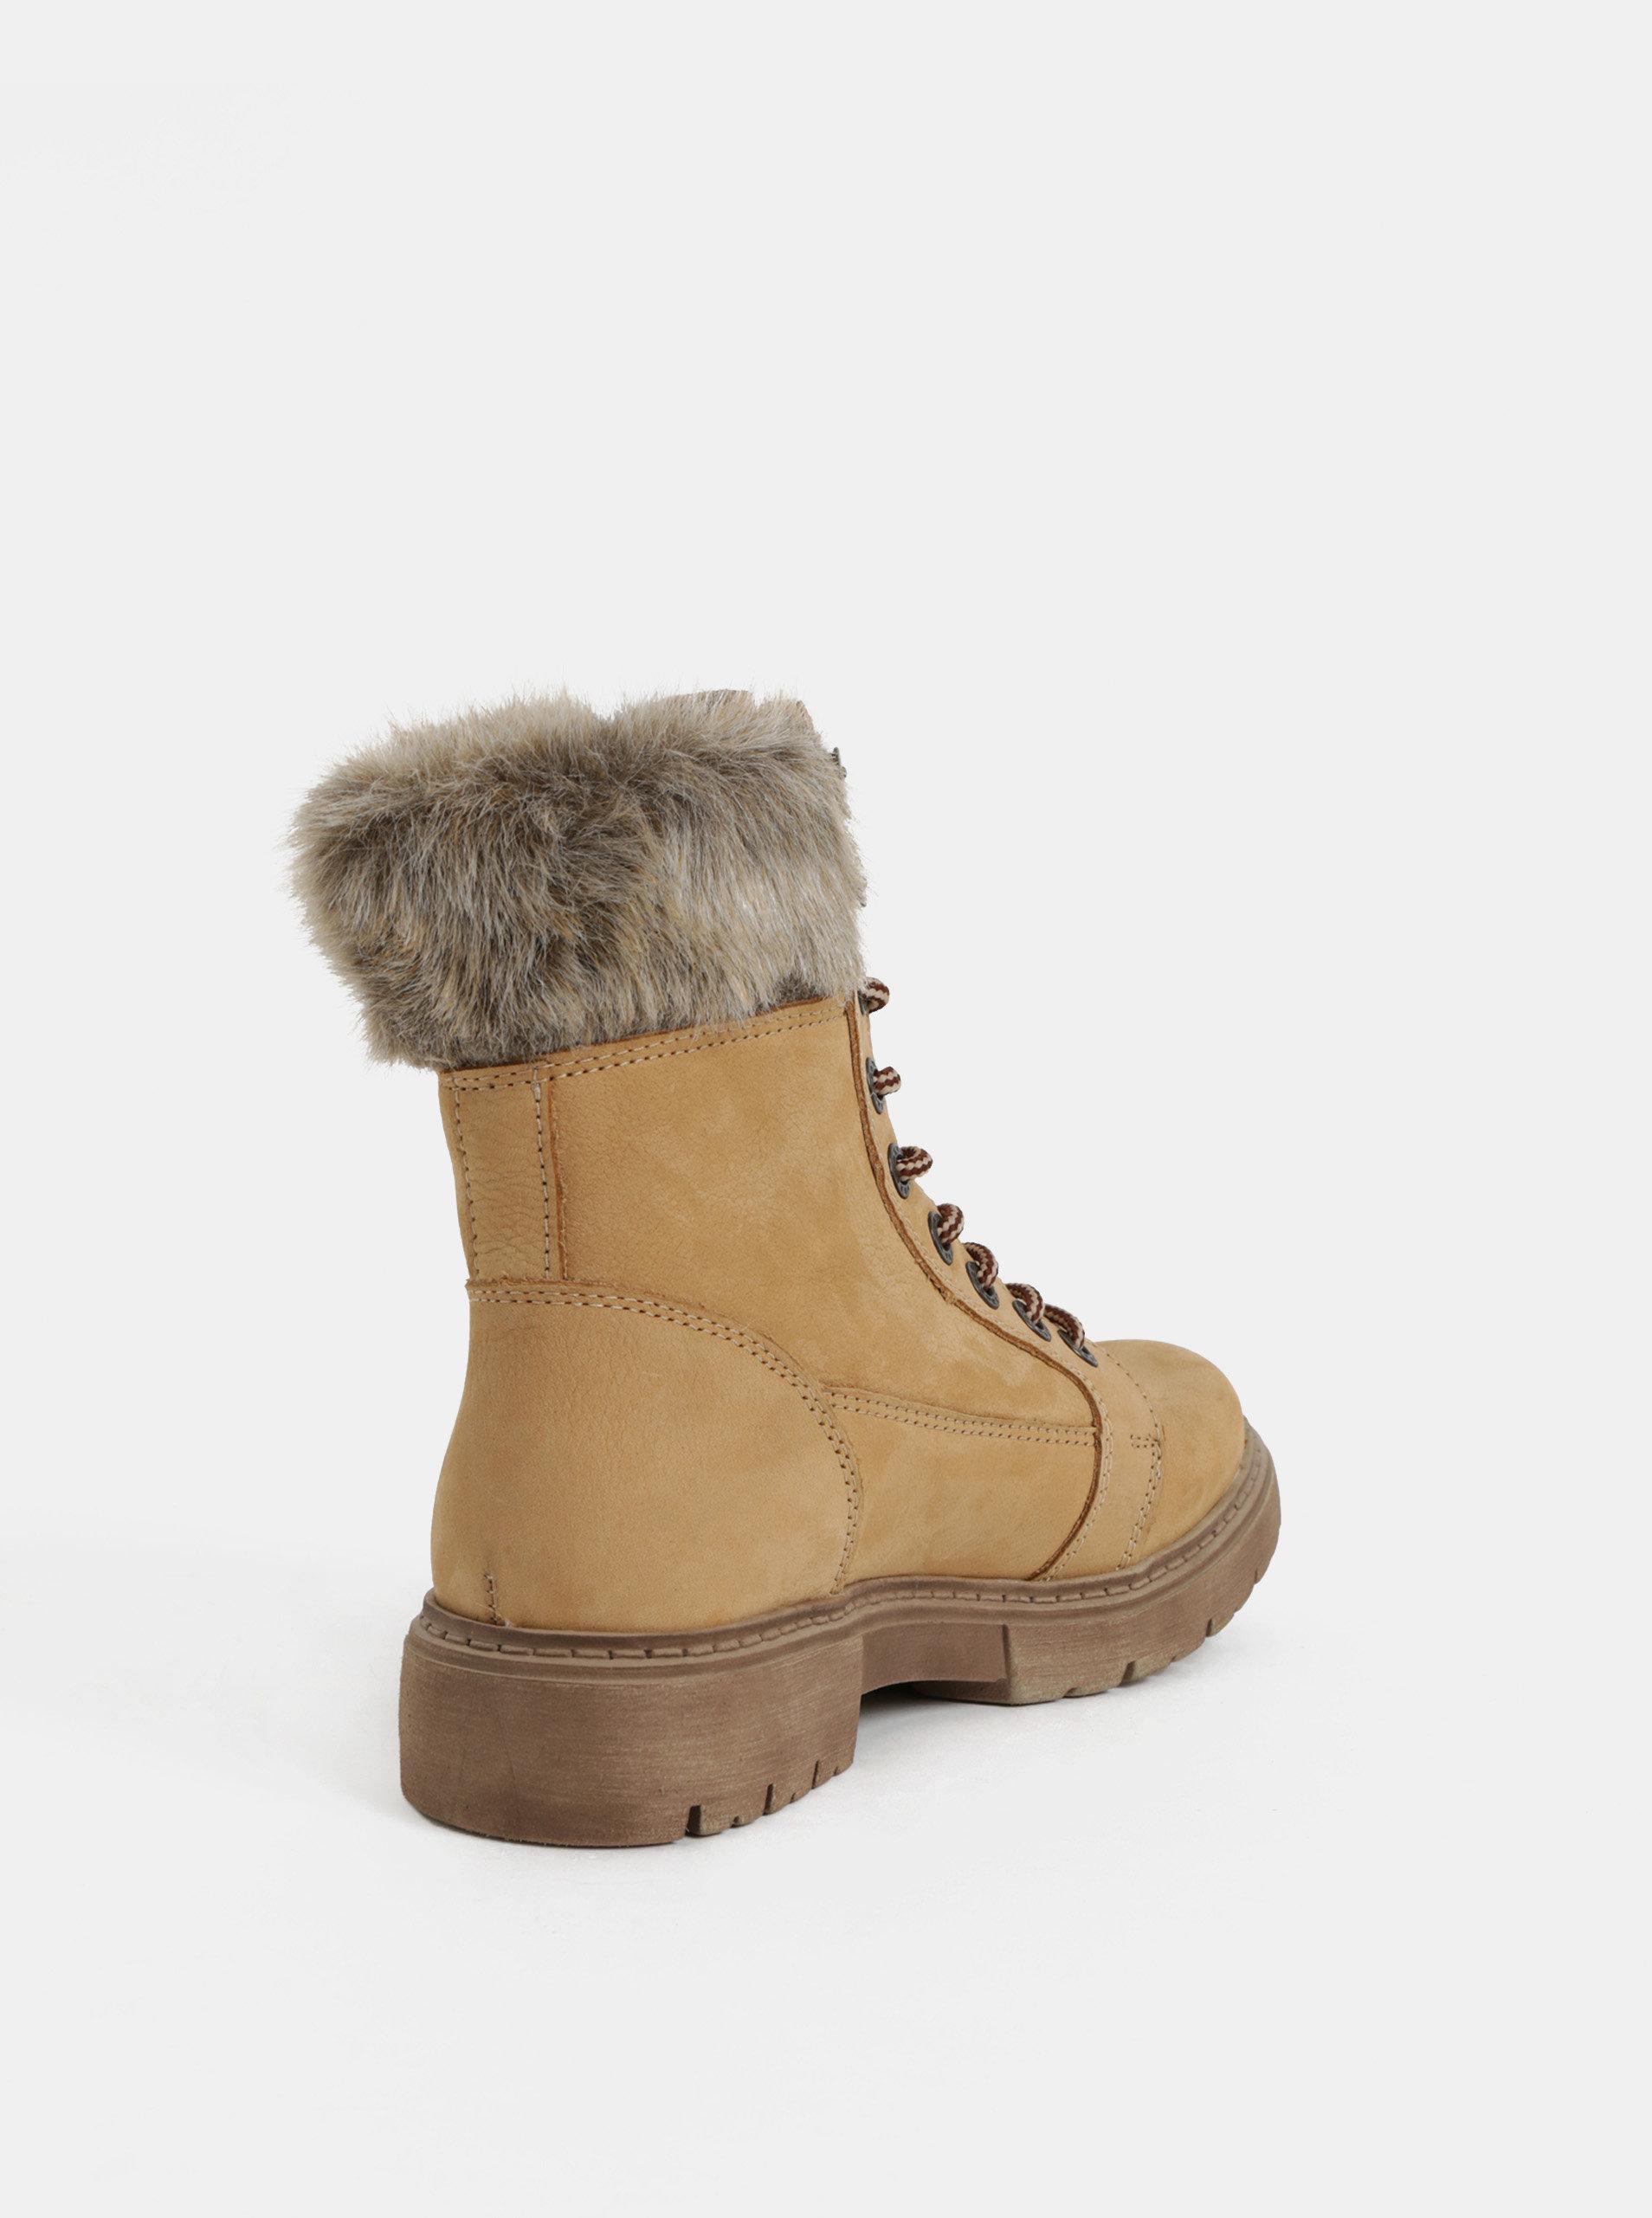 Světle hnědé dámské kožené kotníkové zimní boty Weinbrenner ... 8dc23bf2ce